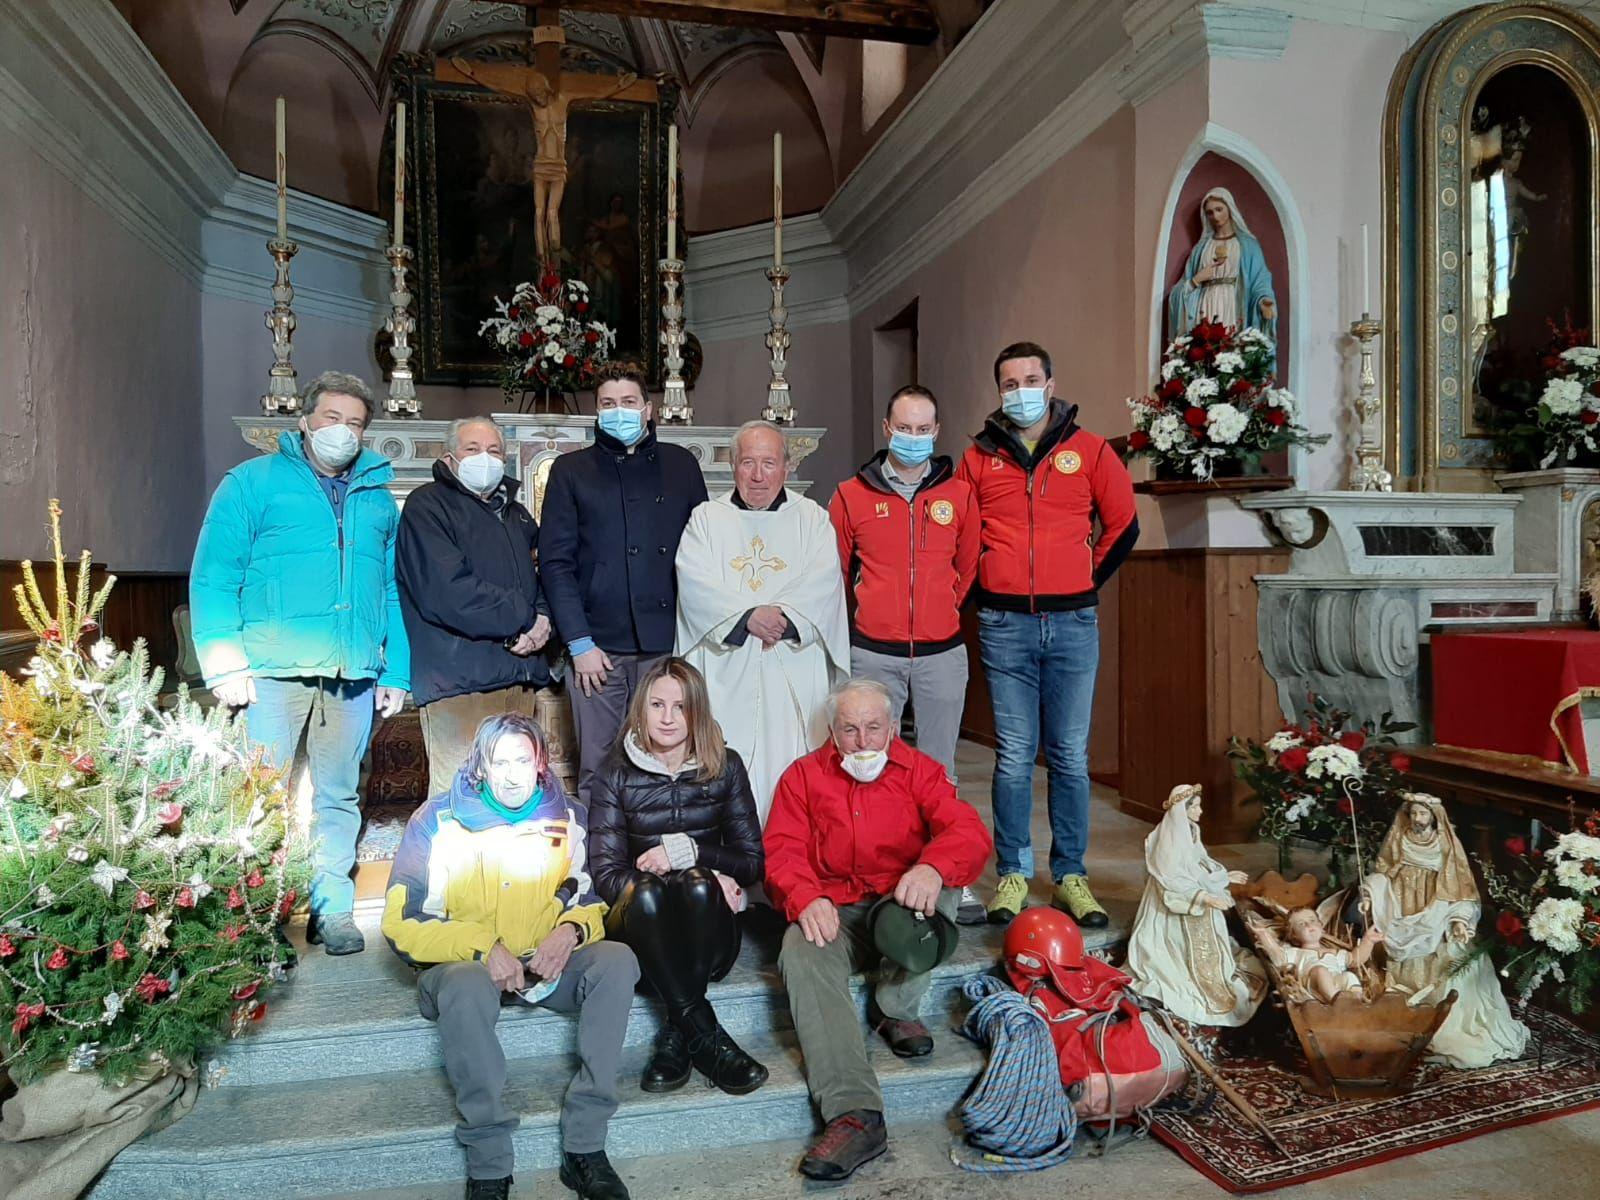 CERESOLE REALE - Celebrati i 64 anni di attività della stazione del Soccorso Alpino